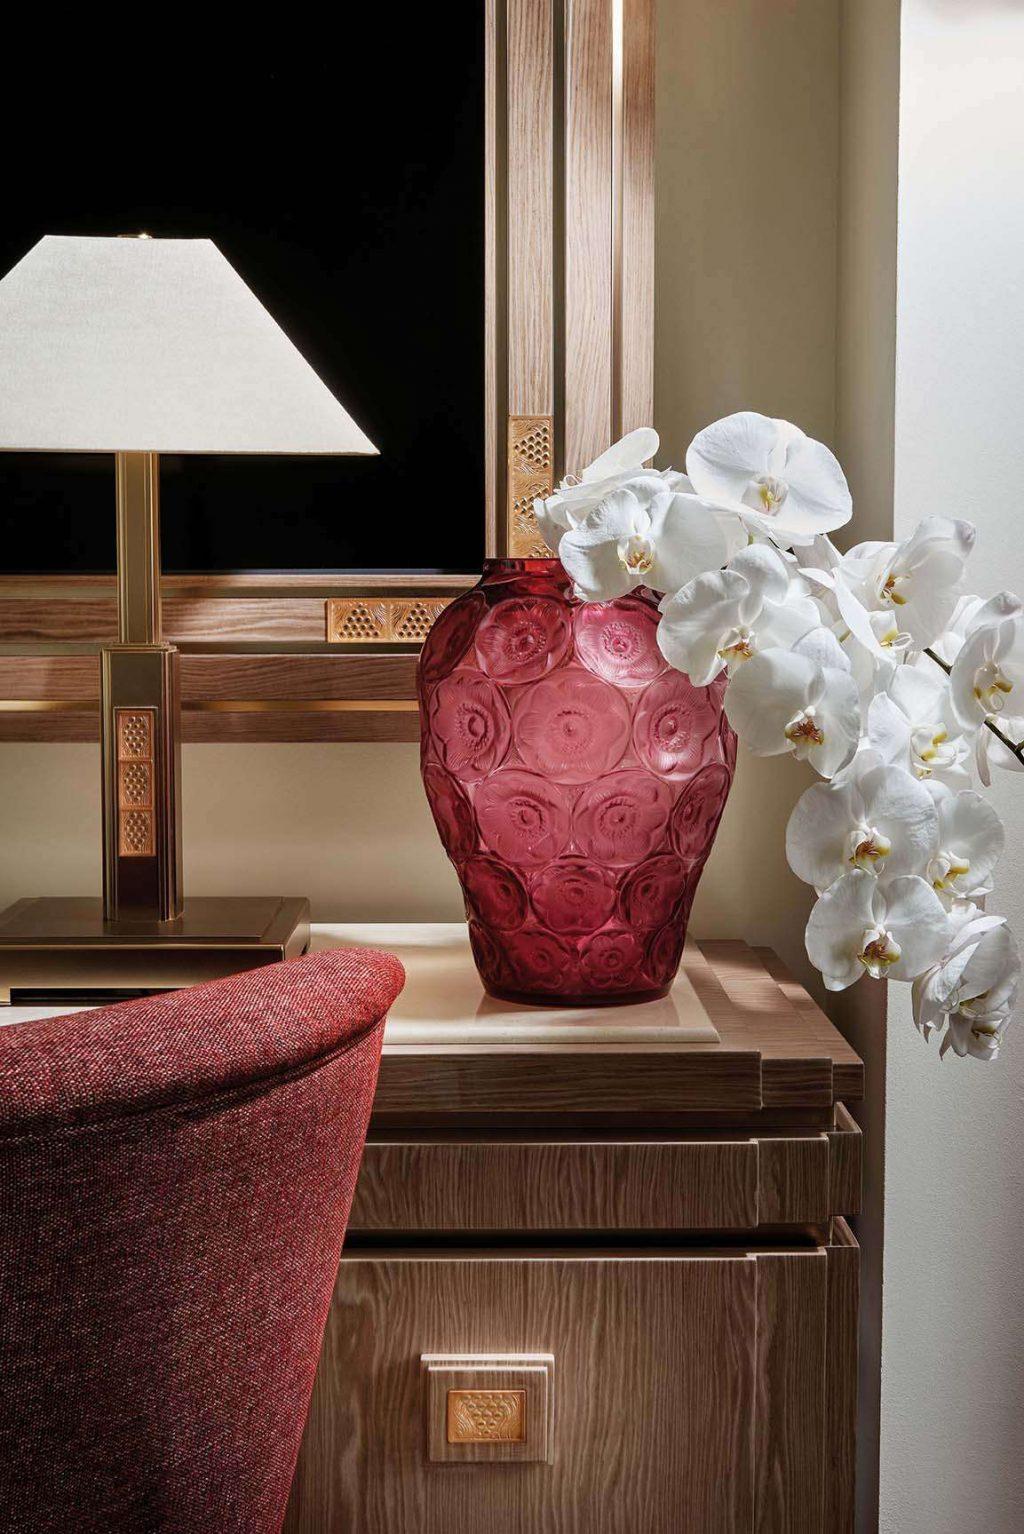 Thương hiệu Lalique khai trương cửa hàng tại Hà Nội 2